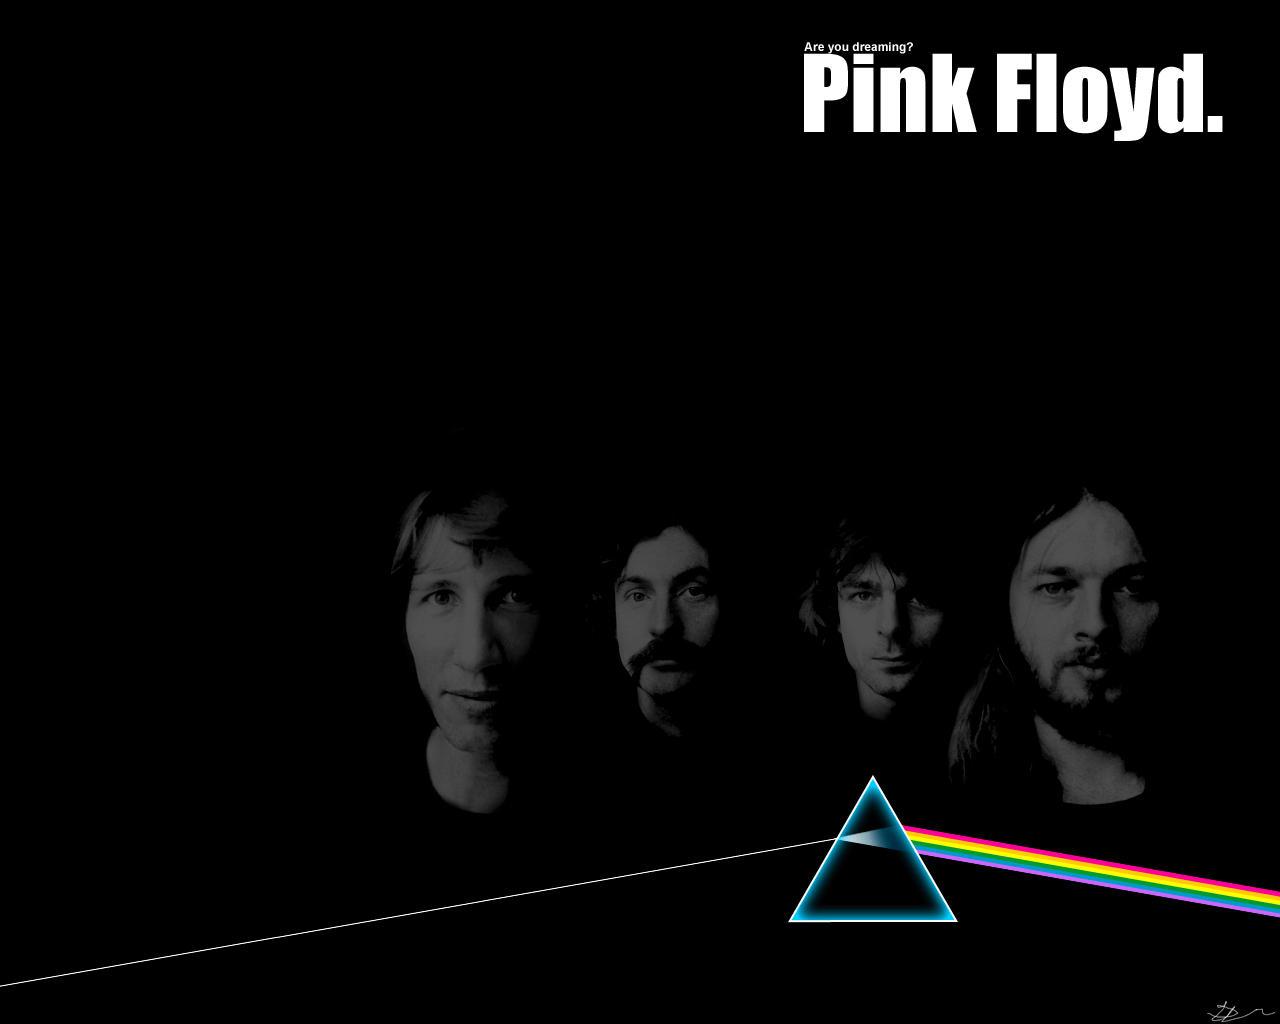 meddle pink floyd desktop wallpaper - photo #27